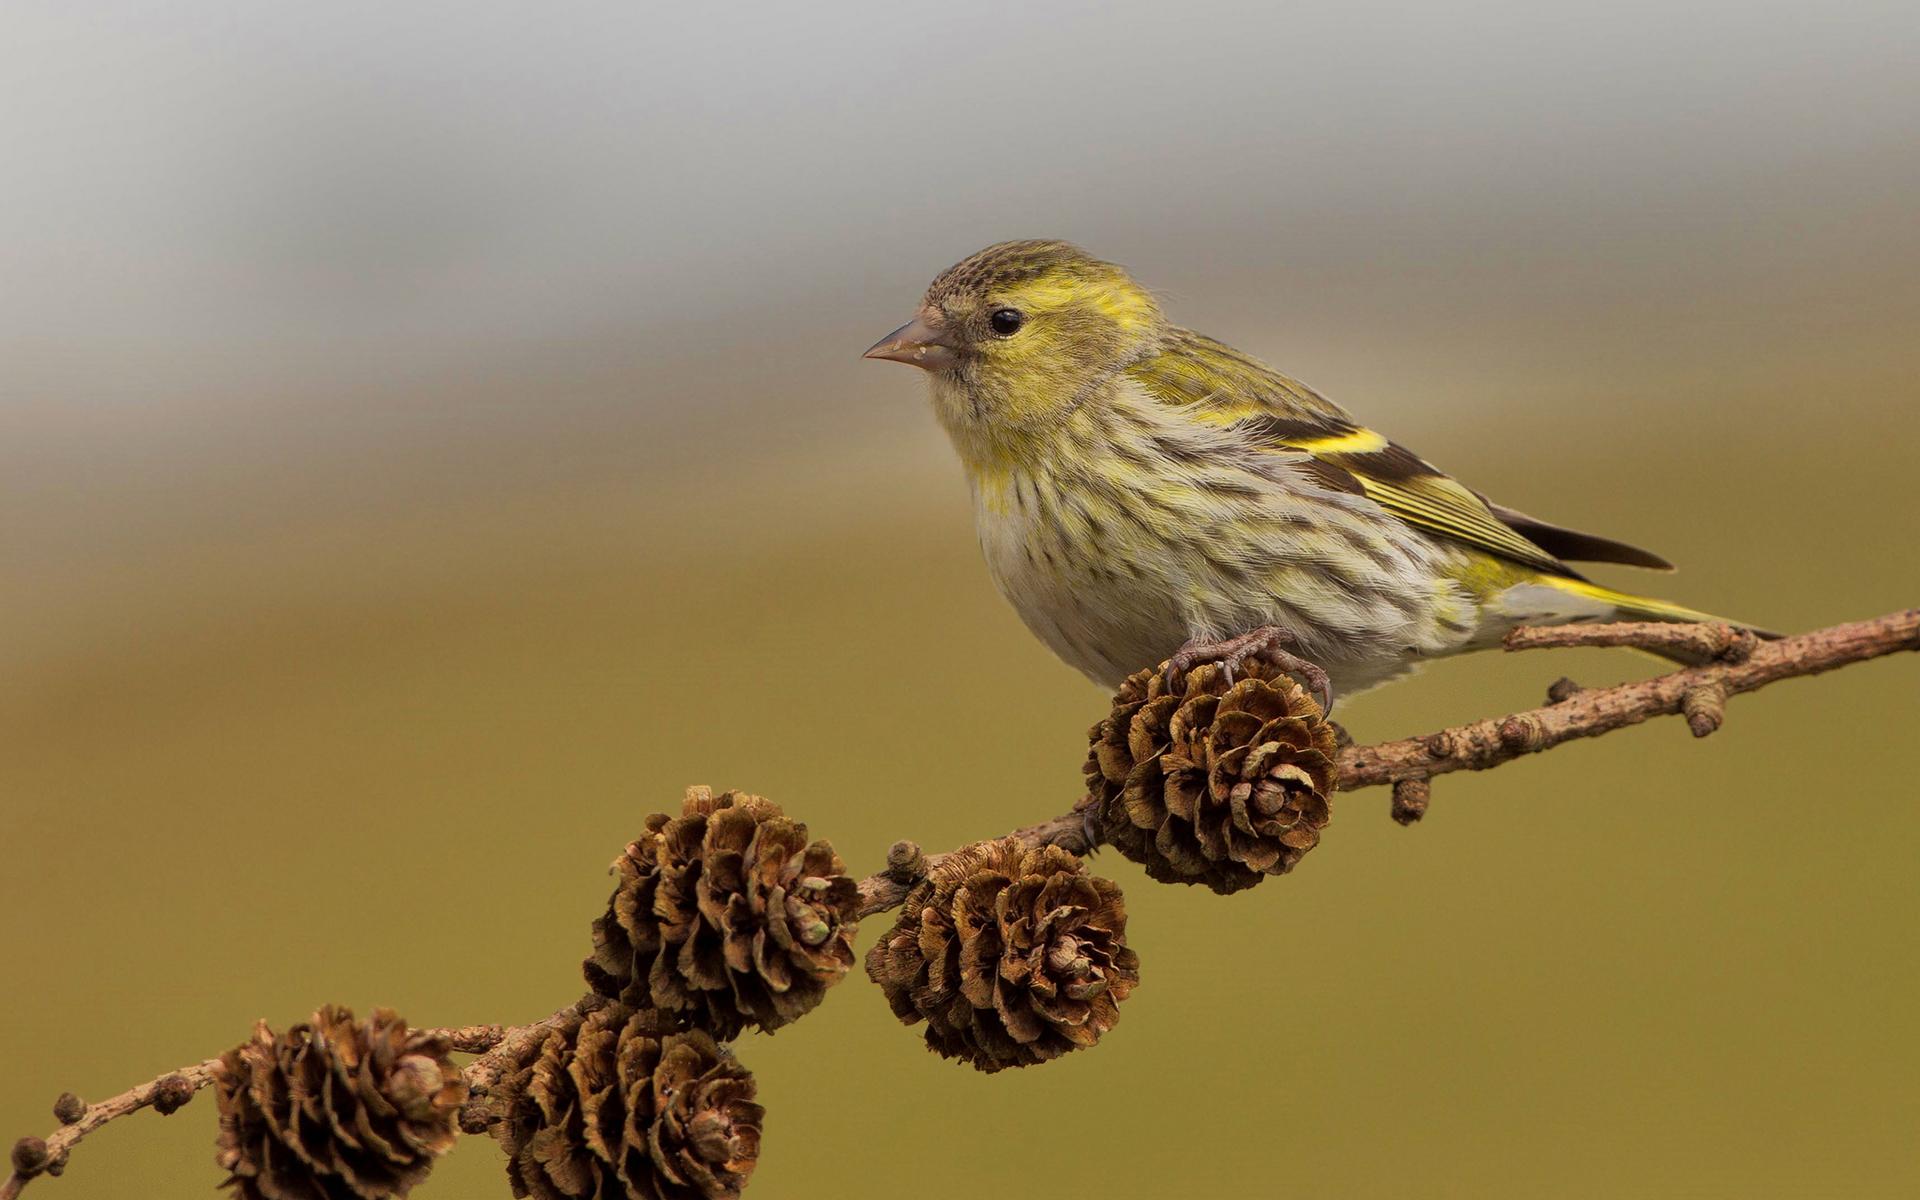 bird backgrounds